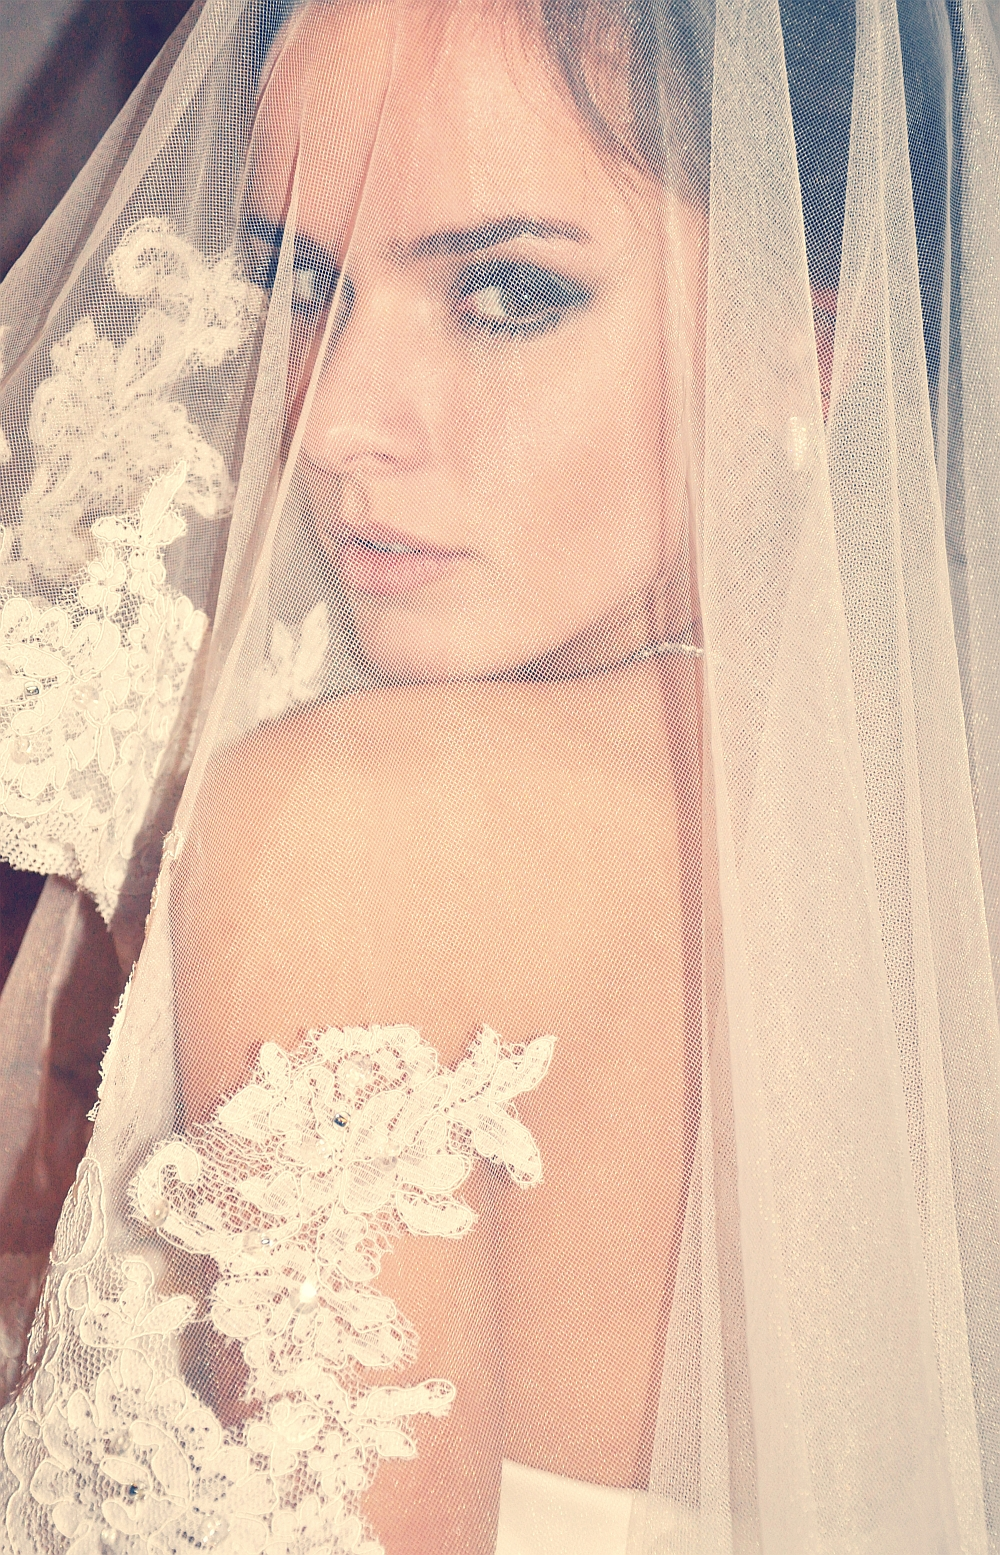 Tylko na zewnątrz W roli głównej: suknia ślubna. Jak ją dobrać do swojej sylwetki SZ73